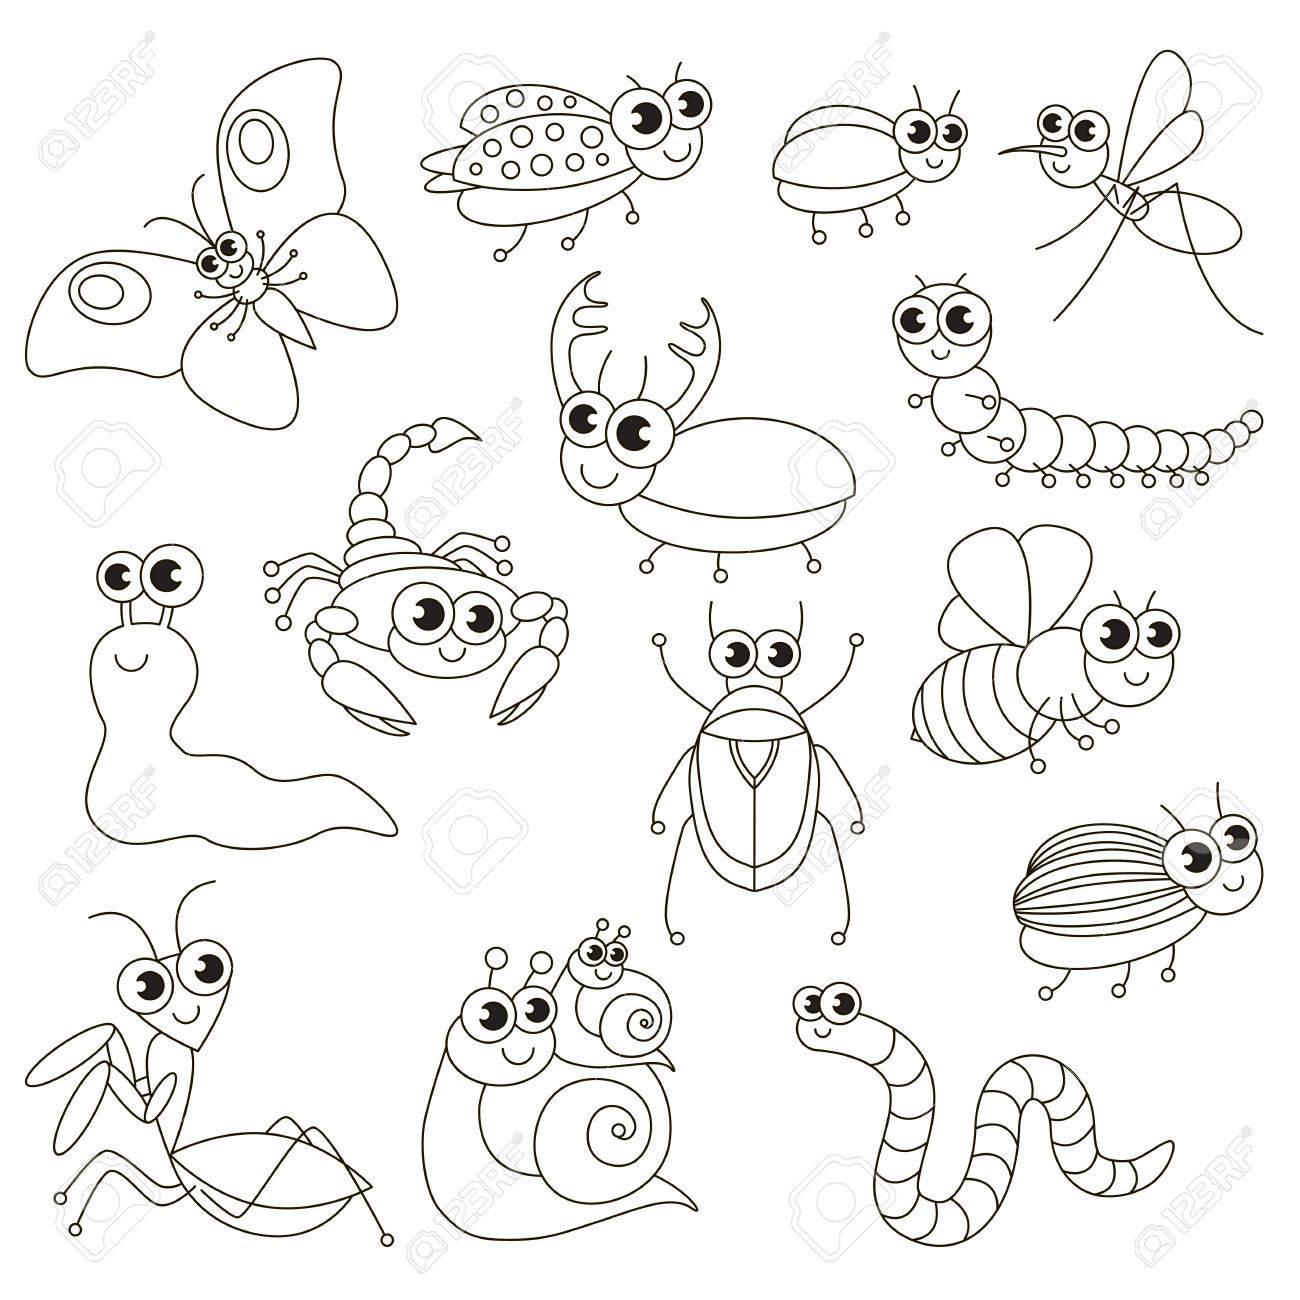 Pequeños Insectos Lindos Para Ser Coloreados El Gran Libro Para Colorear Para Niños Preescolares Con Un Nivel De Juego Educativo Fácil